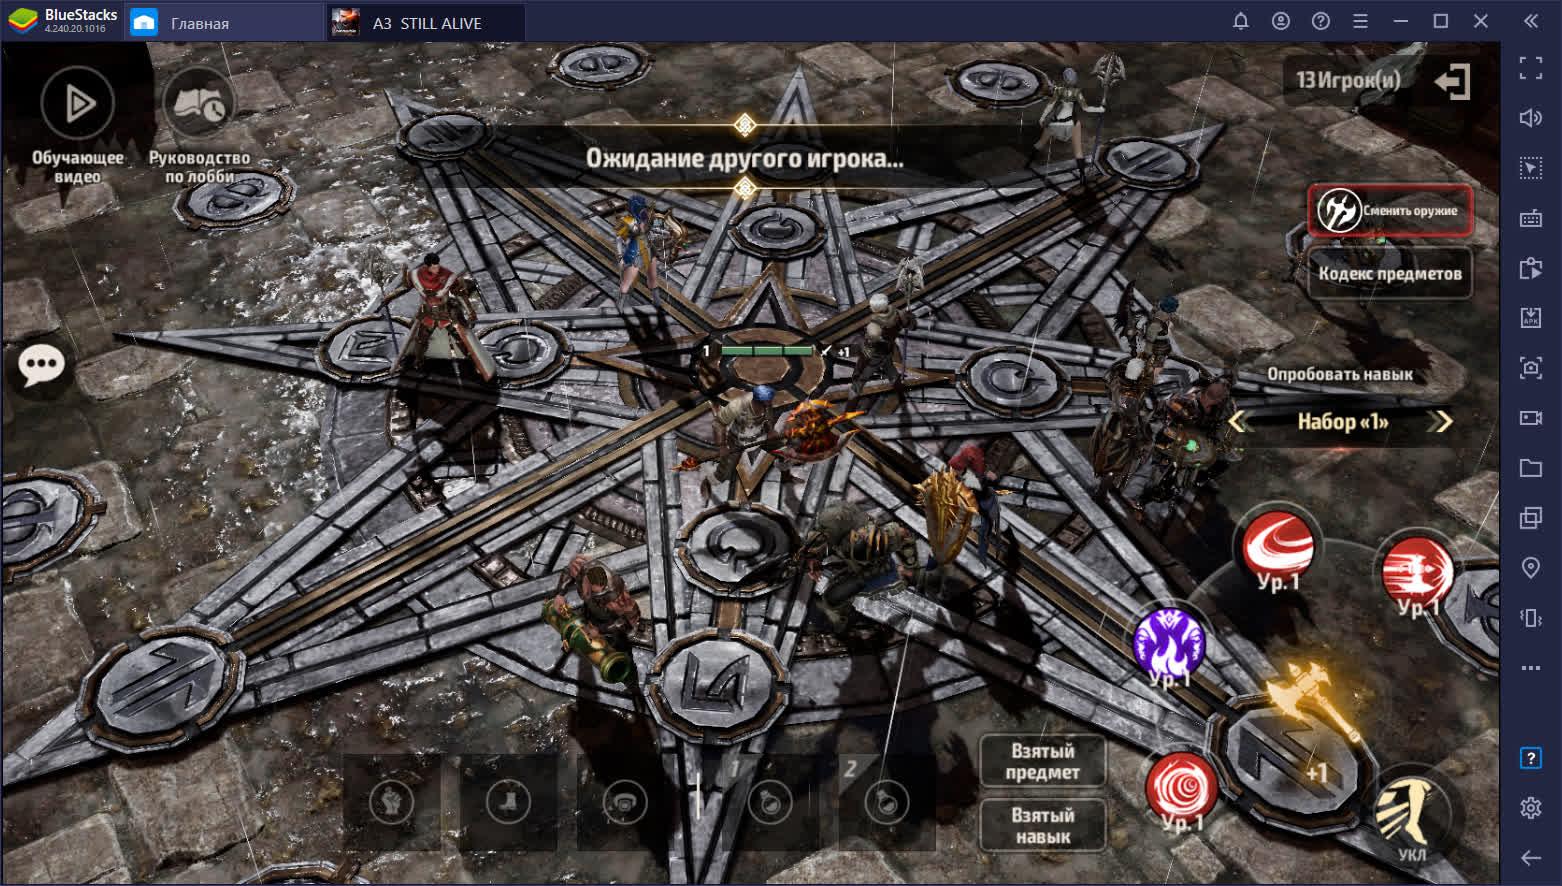 Советы и лайфхаки для режима королевской битвы A3: Still Alive на ПК